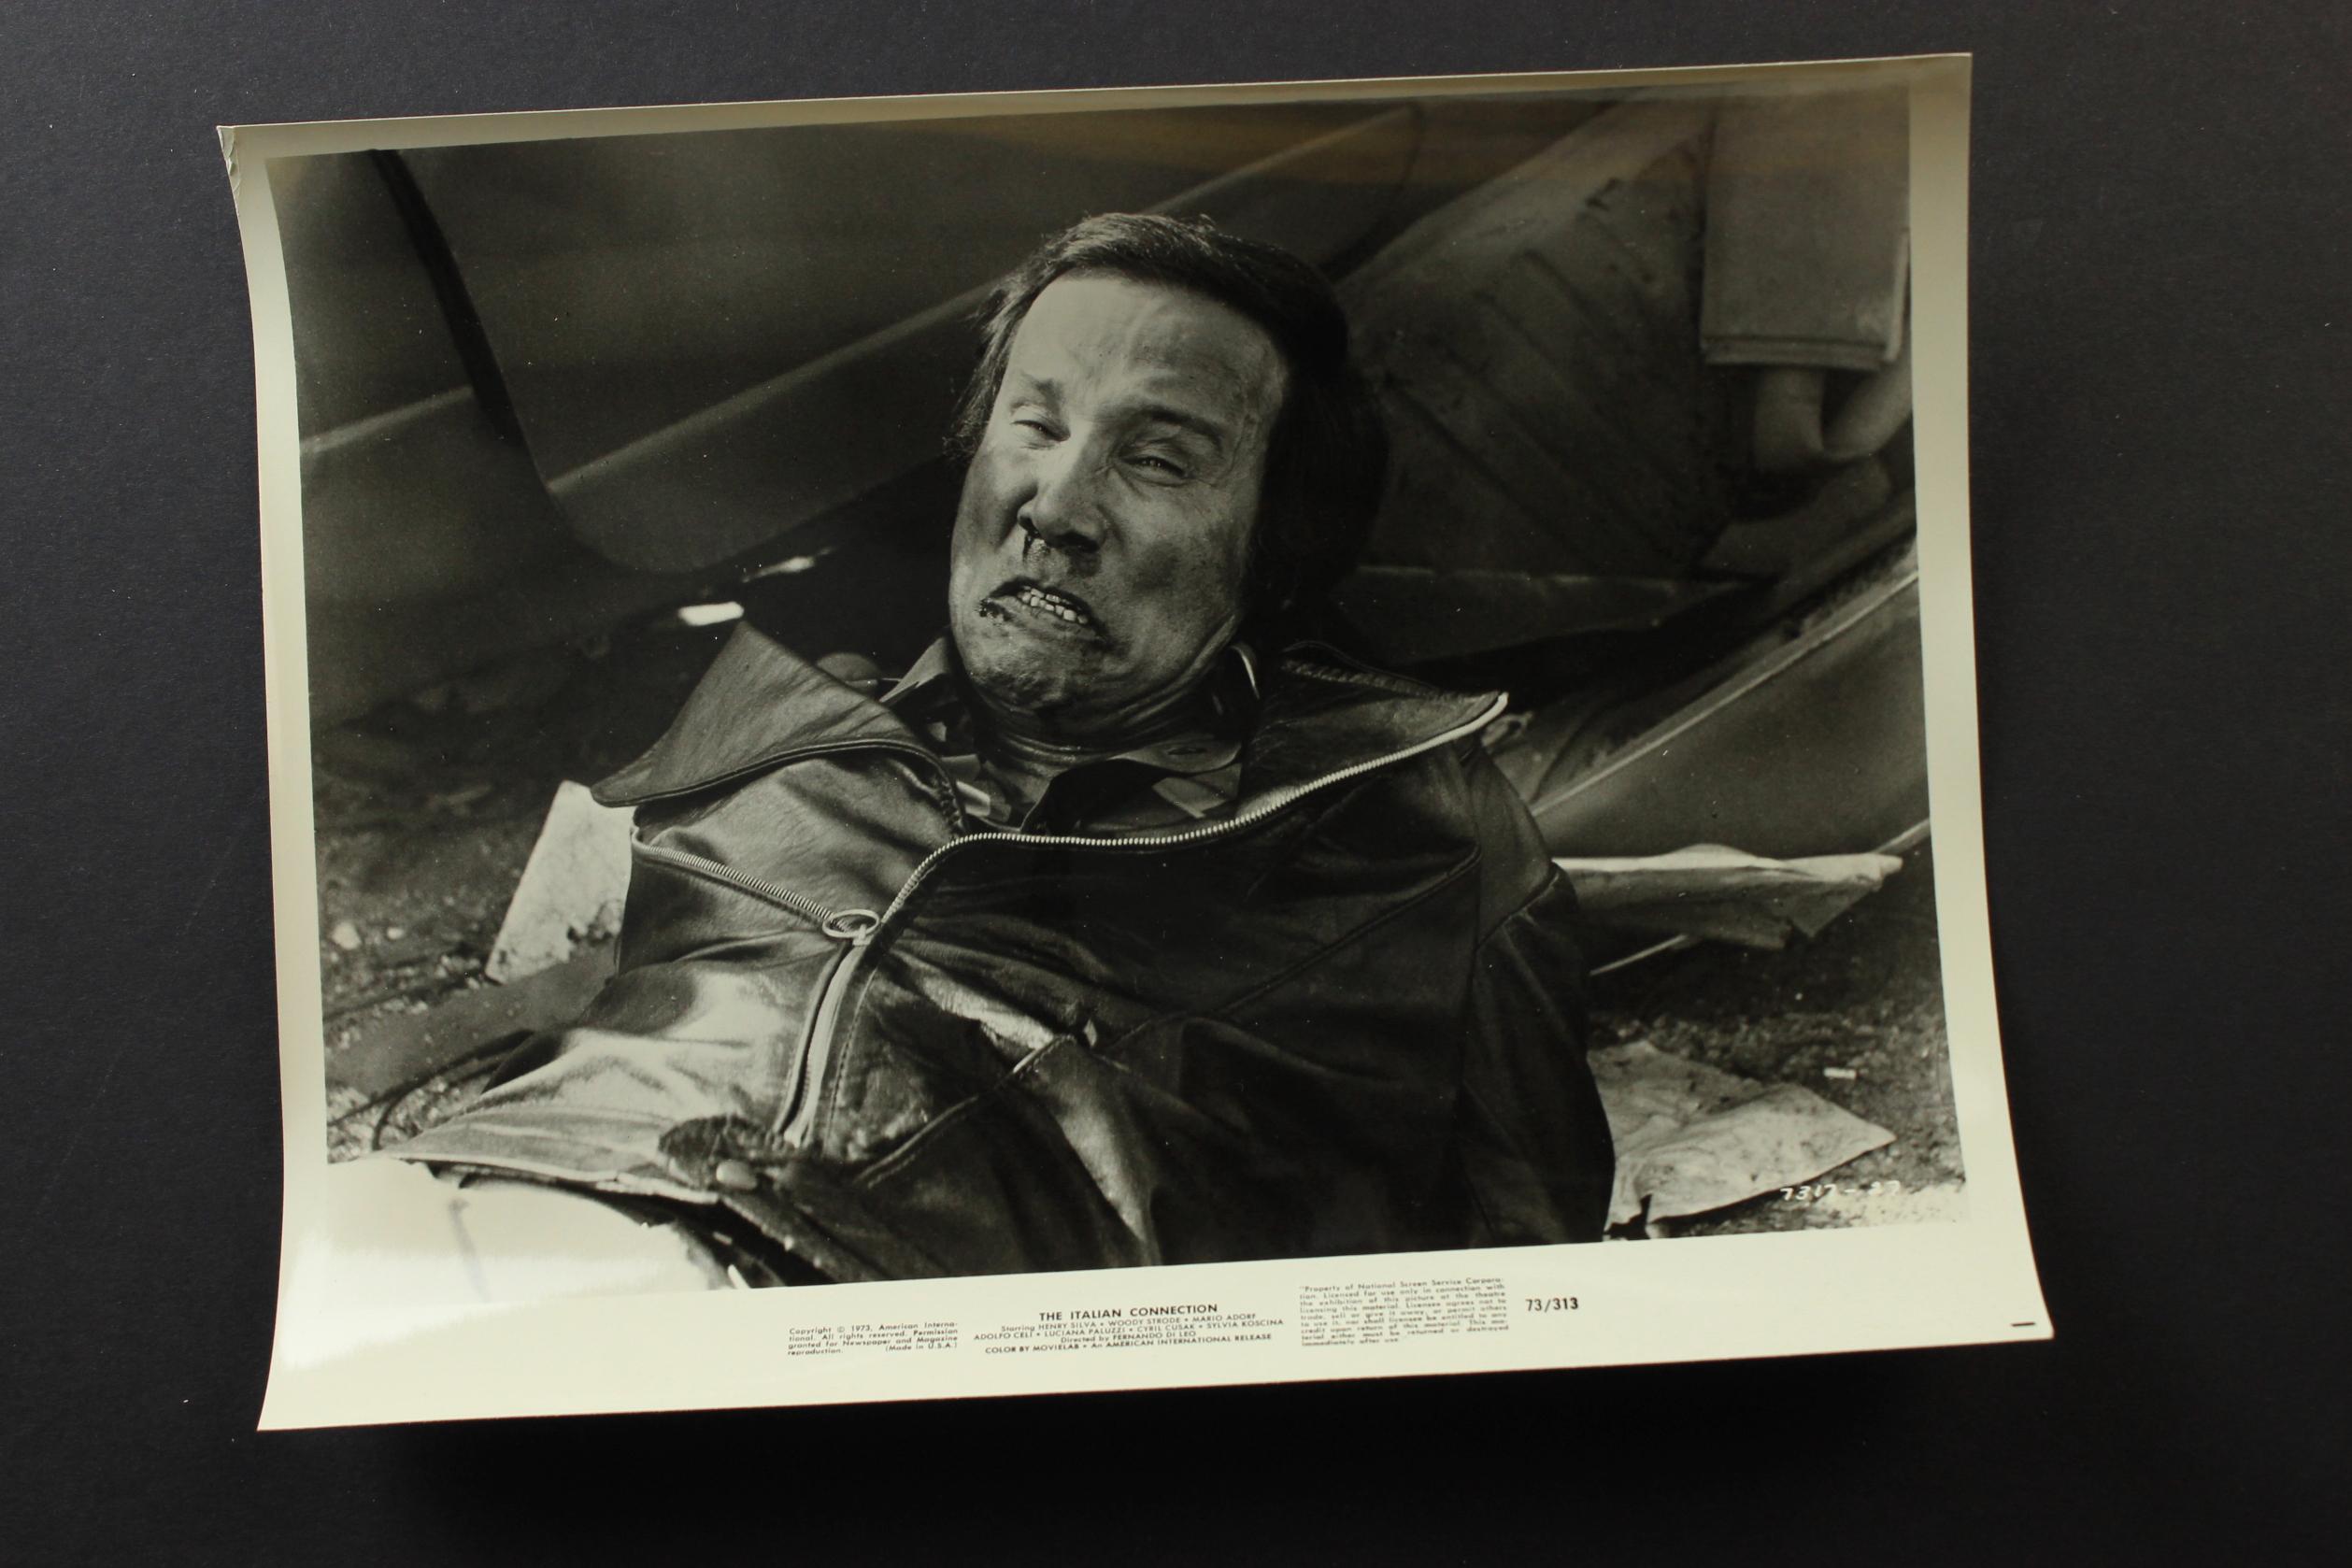 La mala ordina (1972)